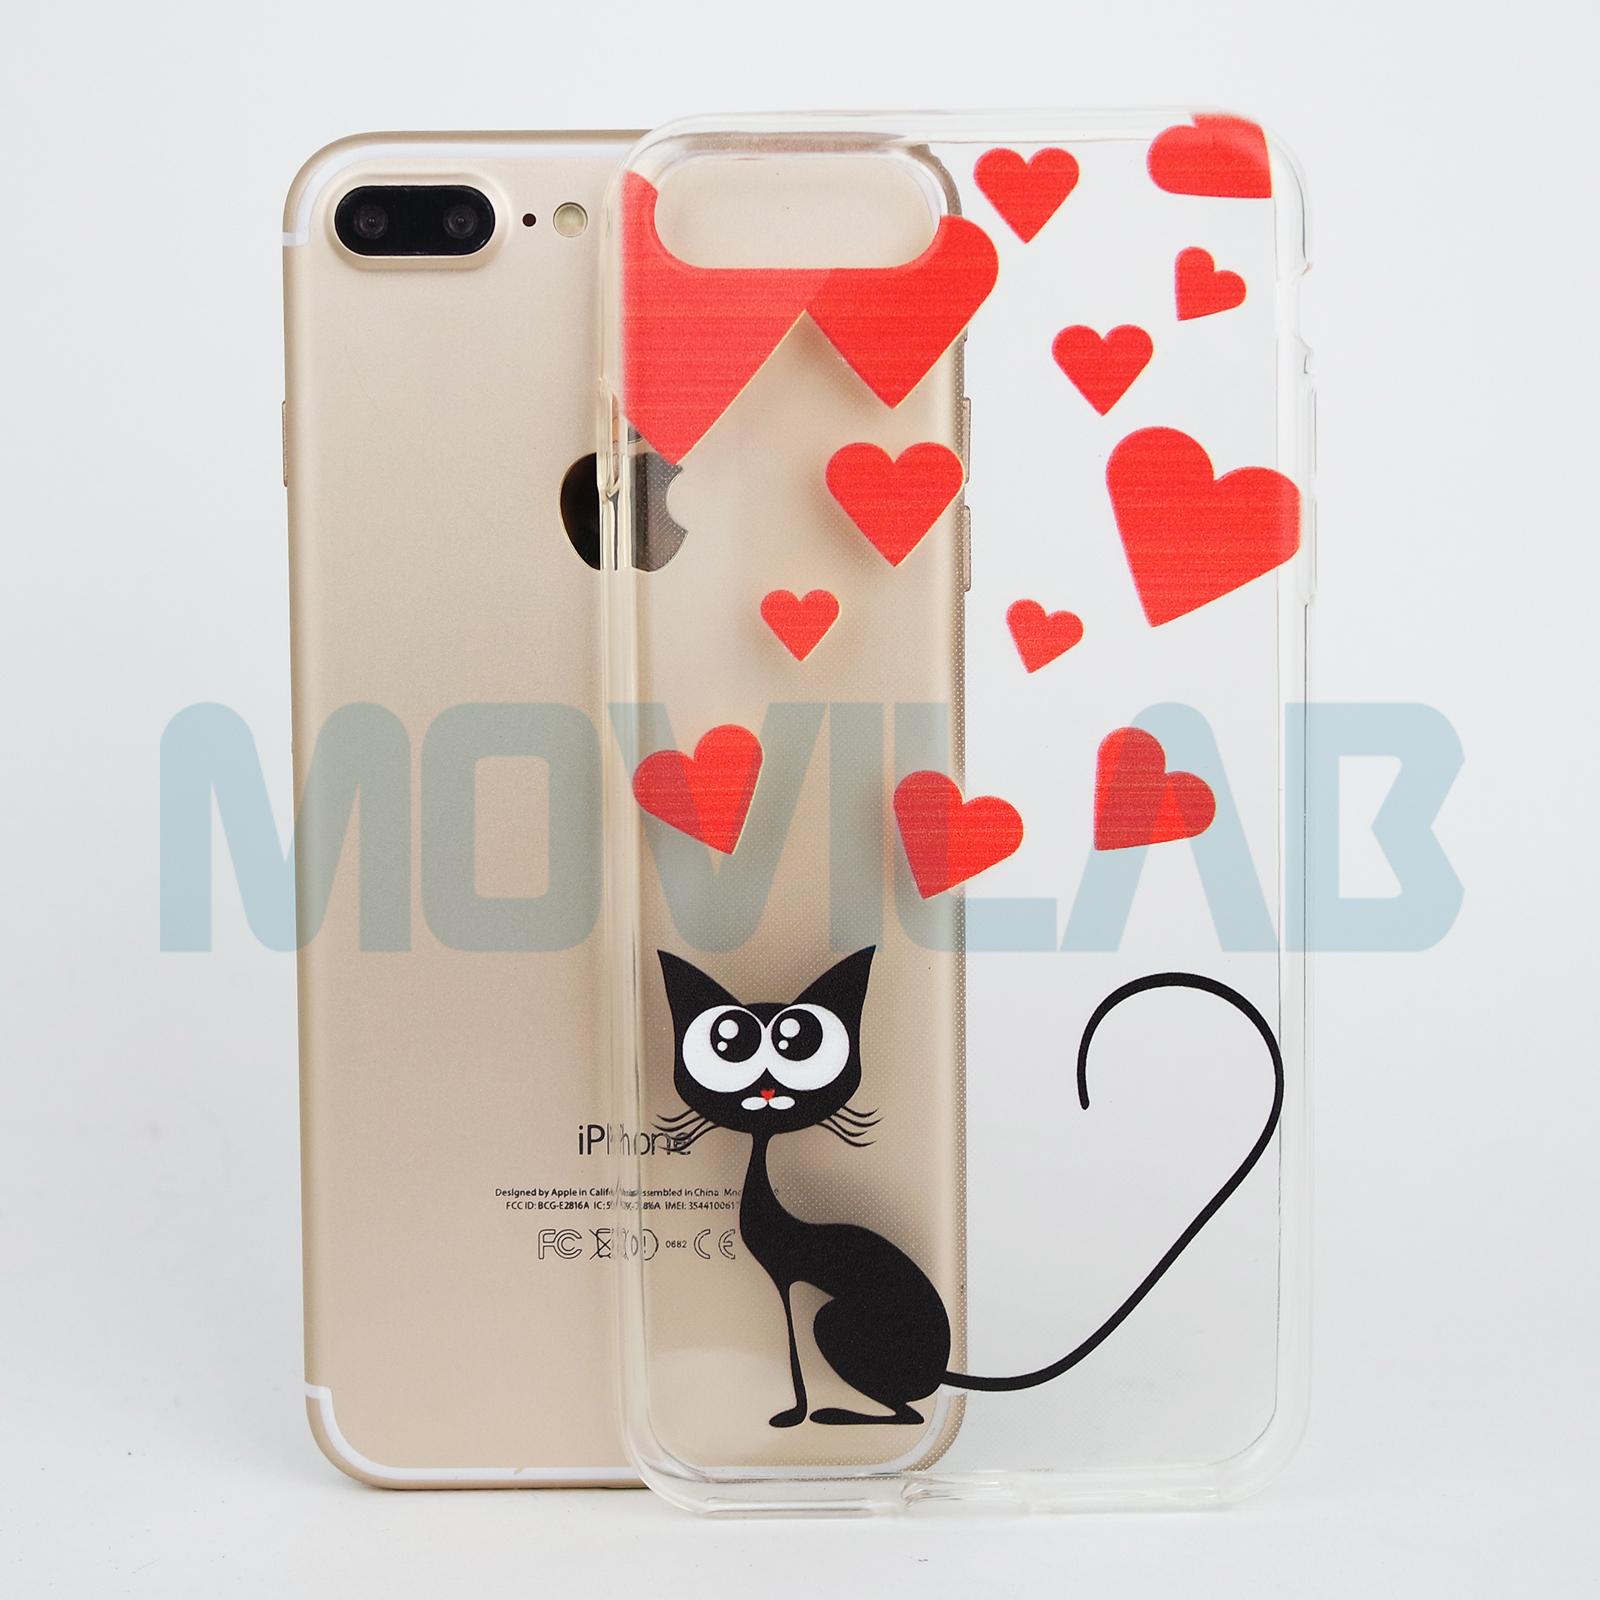 5ad48807420 Funda Apple Iphone 7 / 8 Plus 5.5´ TPU transparente dibujos Gato y Corazones